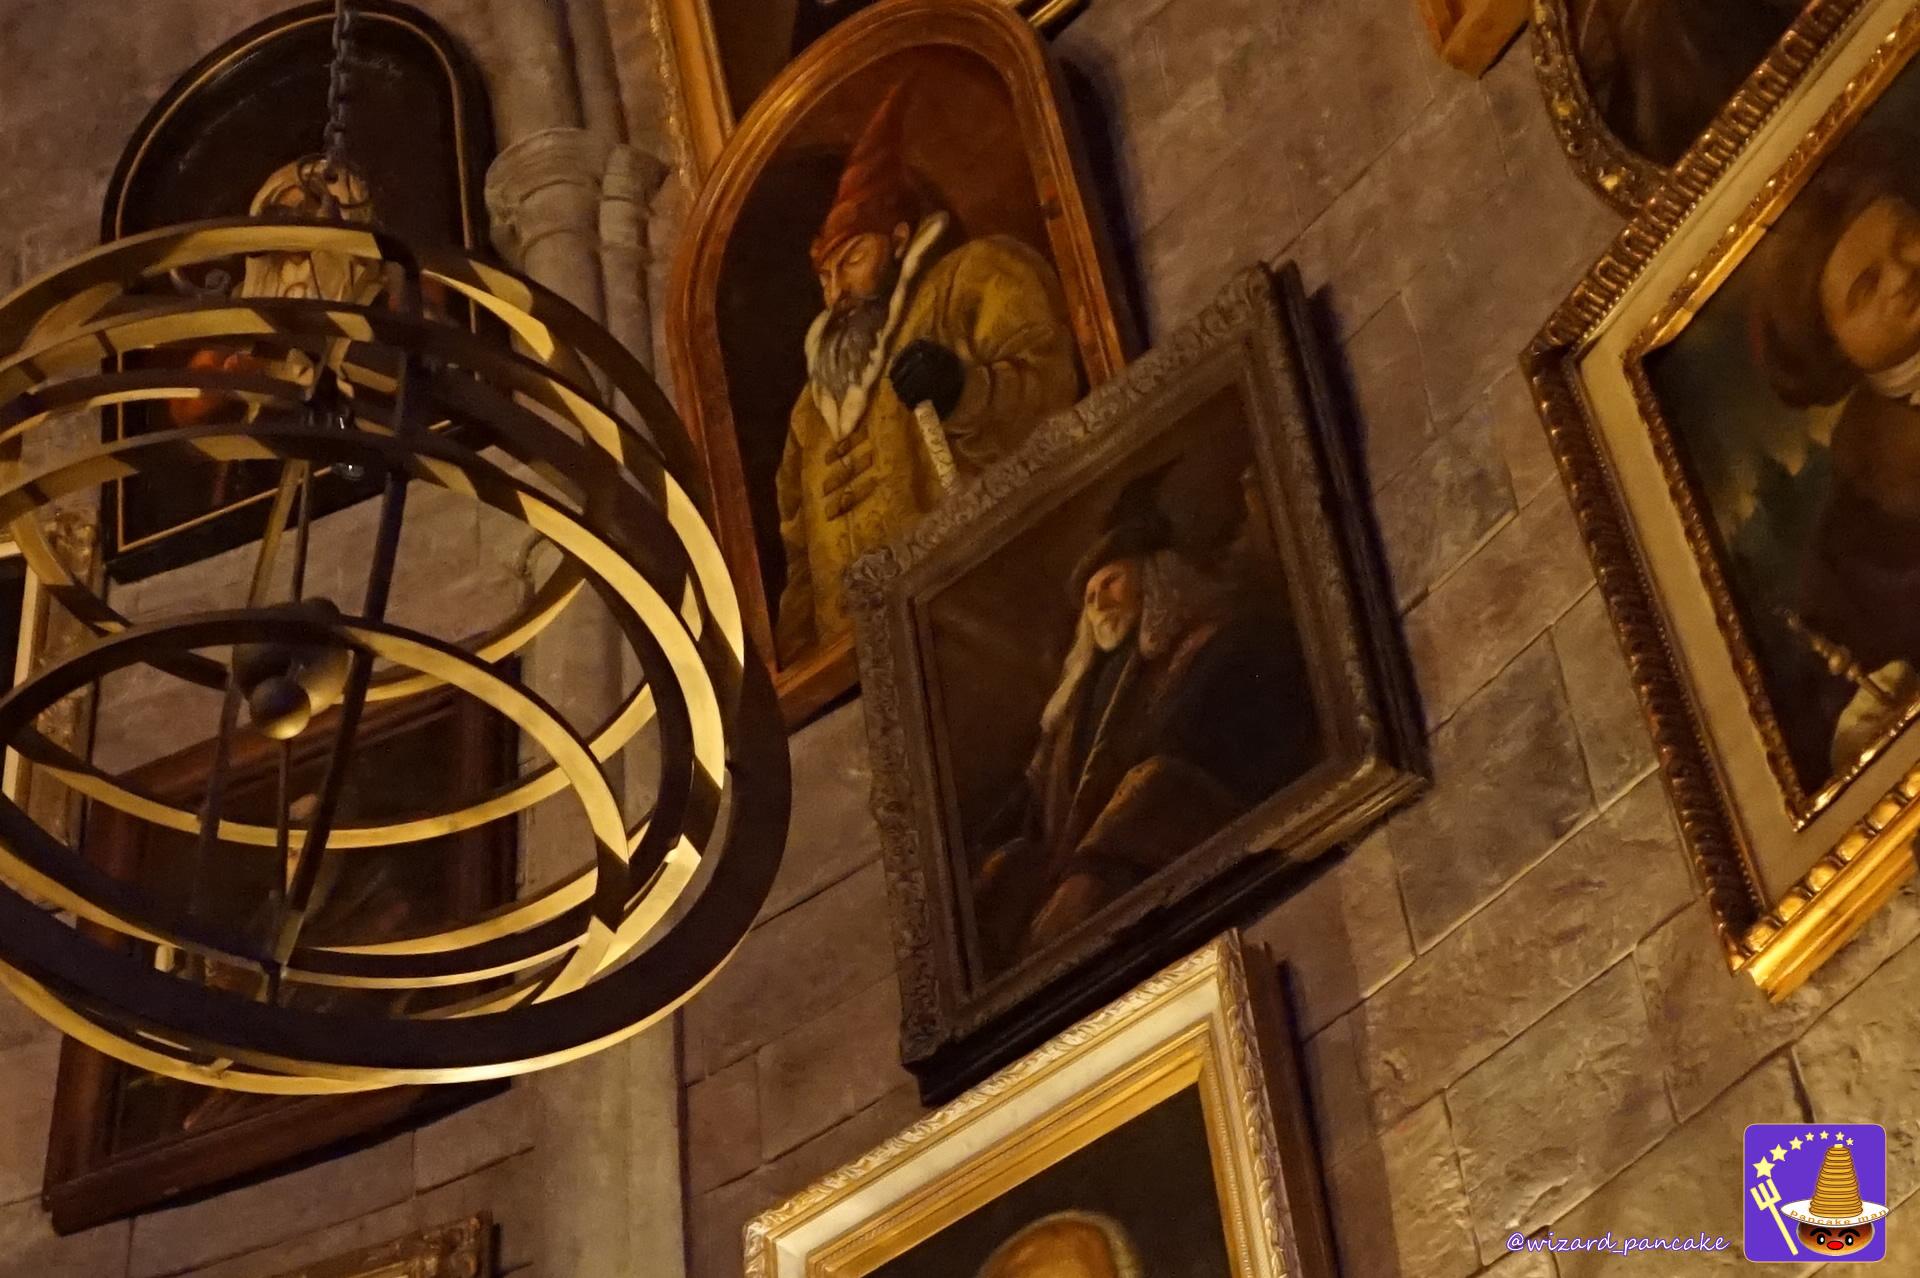 トム・リドル時代の校長はアーマンド・ディペット先生じゃ♪ダンブルドア校長室の肖像画に!ホグワーツ キャッスル ウォーク(USJ魔法界)パンケーキマン・ダンブルドア